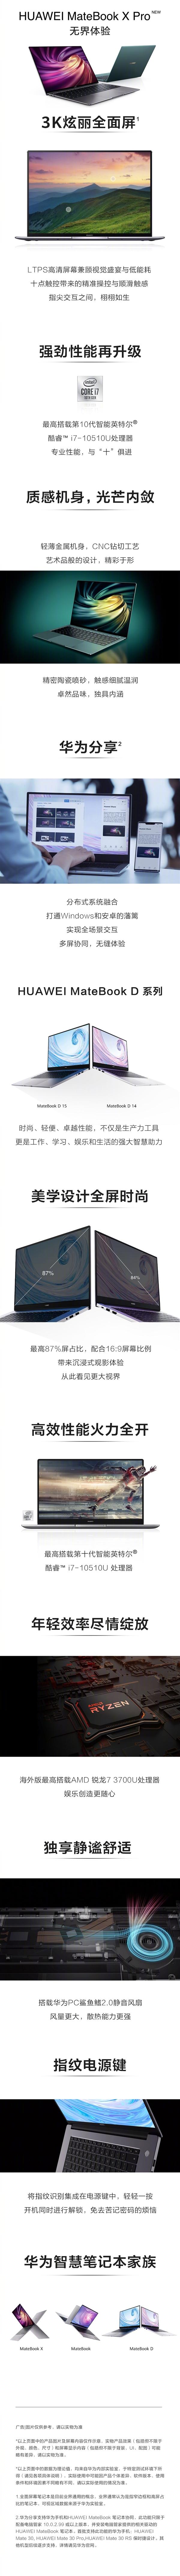 华为发布全新MateBook X Pro笔记本:全球首款屏占比高达91% 的电脑产品